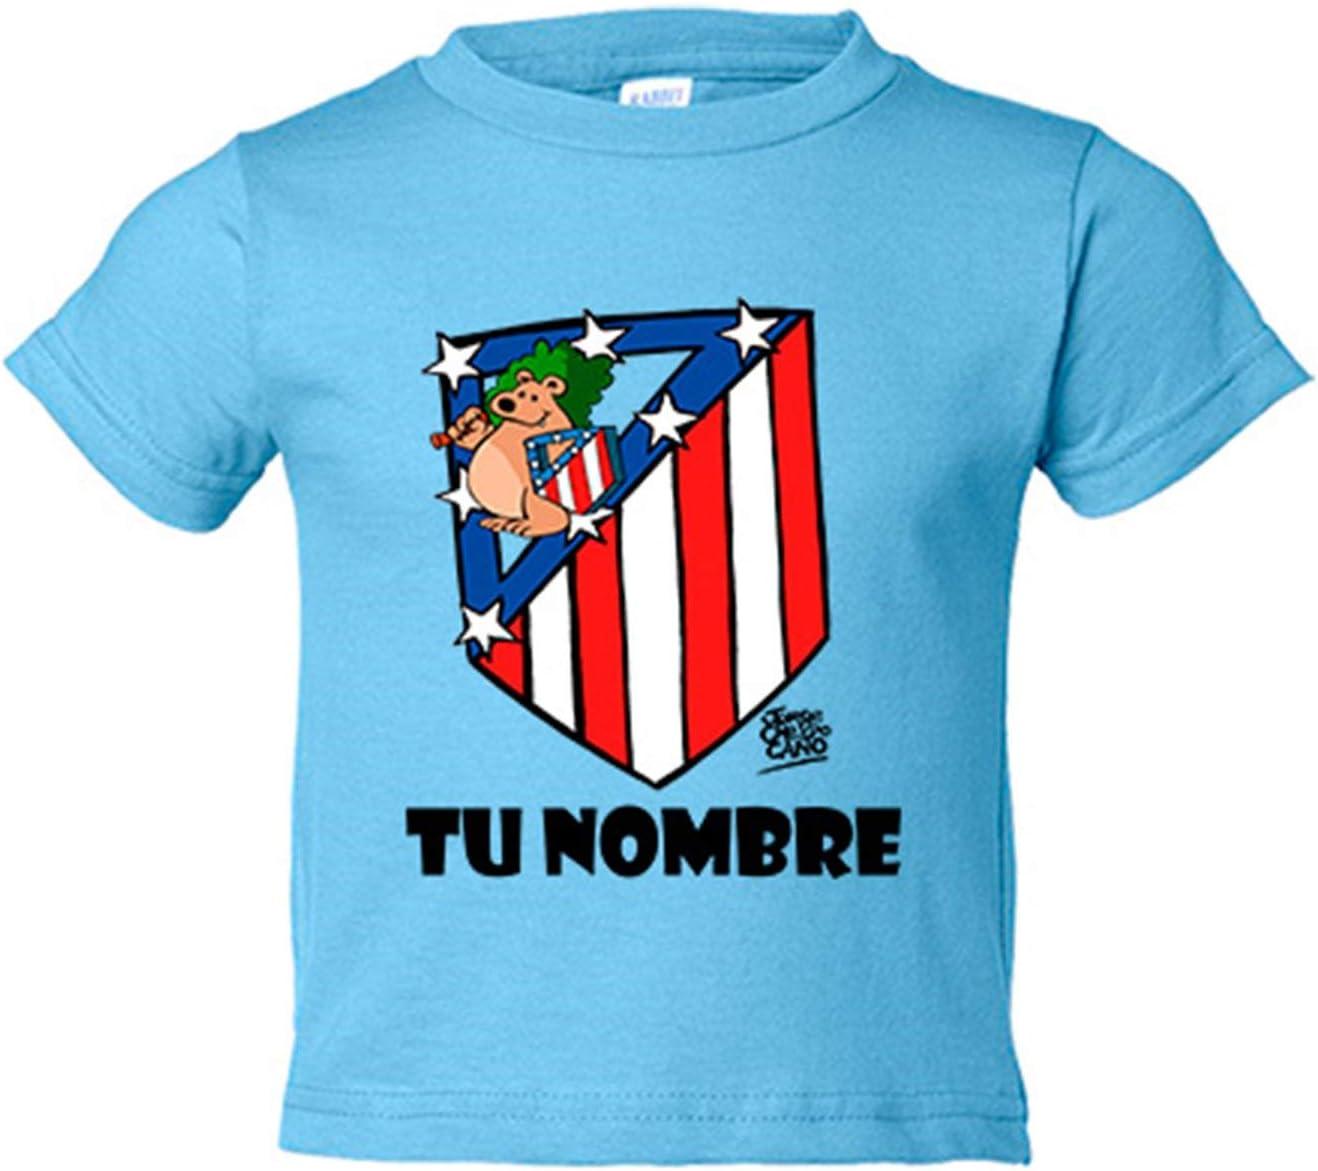 Camiseta niño Atlético de Madrid El Escudo del Atleti clásico personalizable con nombre - Amarillo, 3-4 años: Amazon.es: Bebé